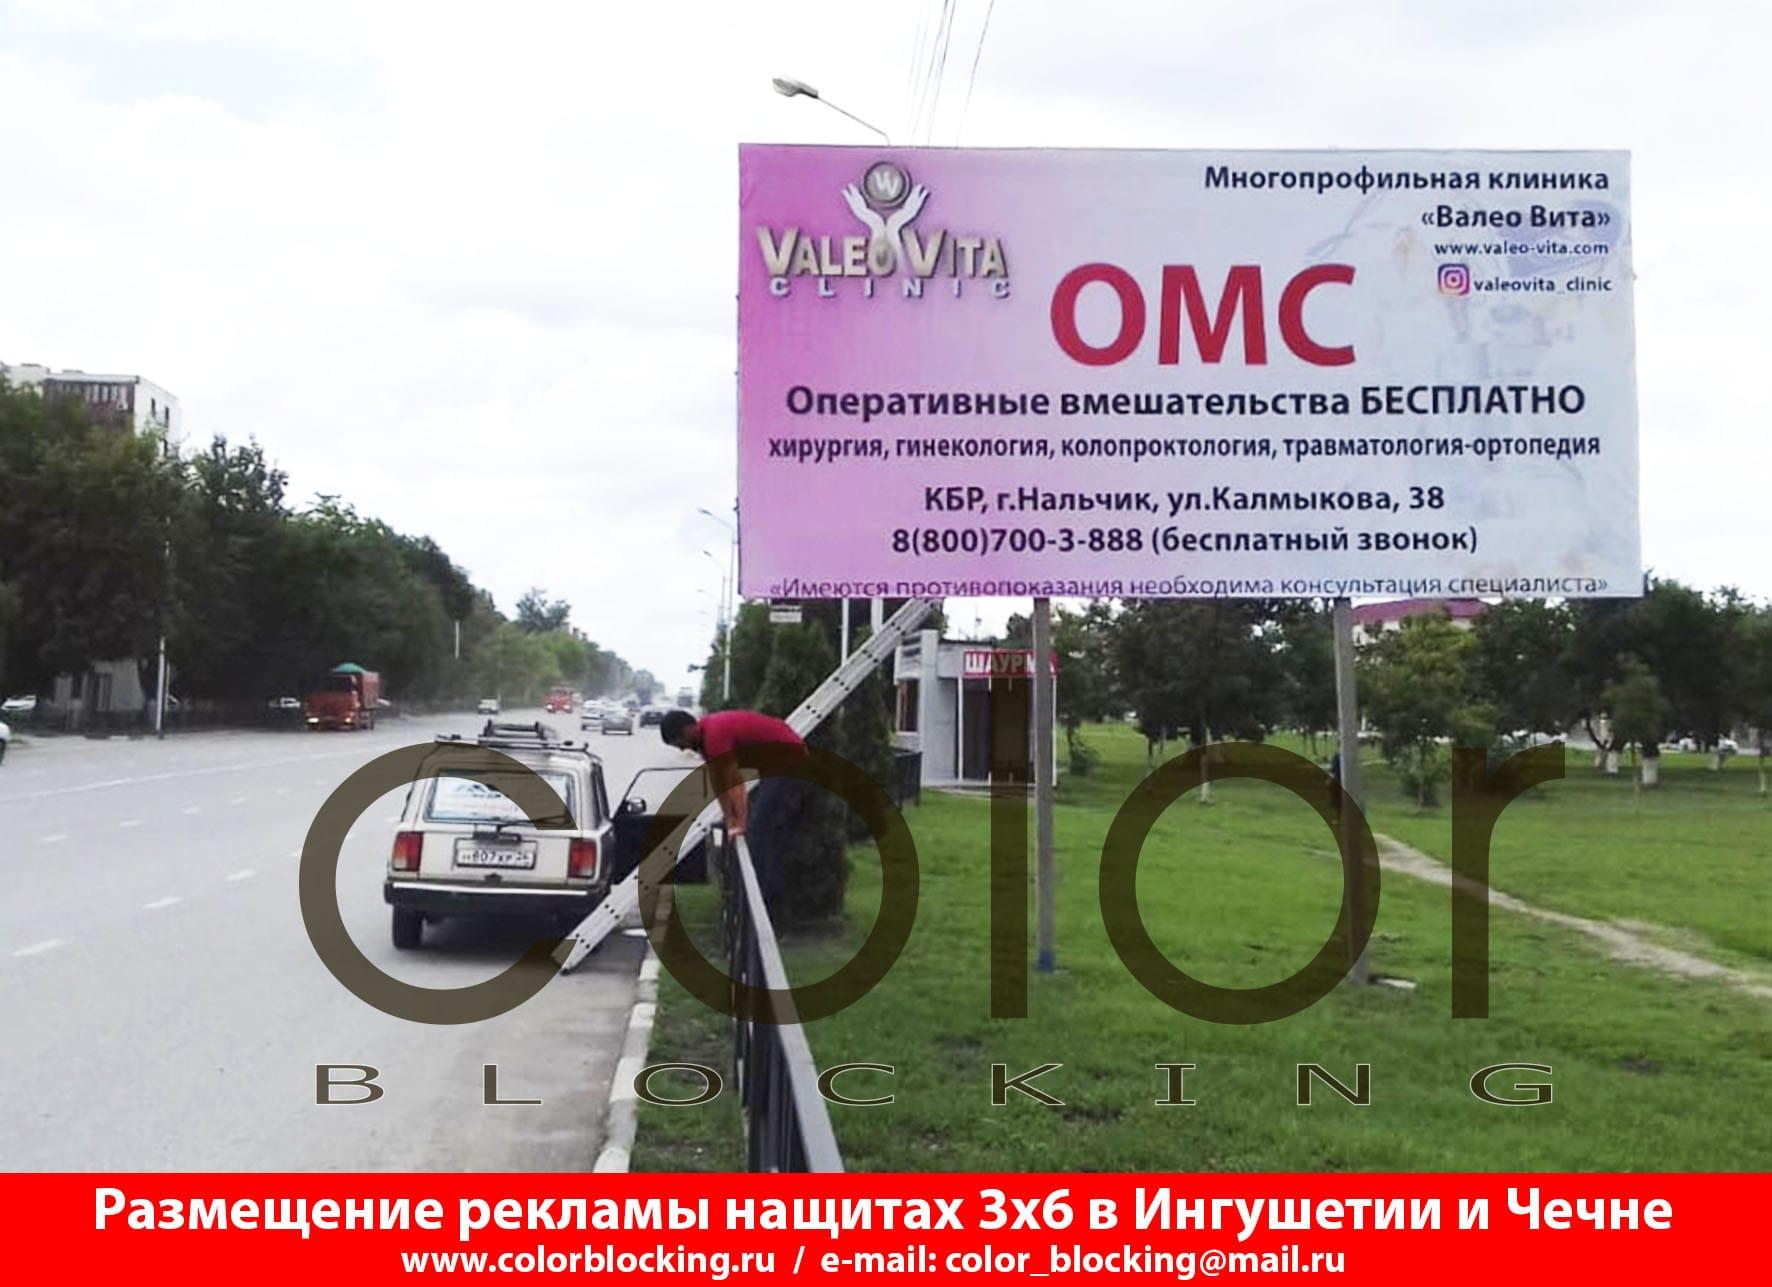 Реклама на щитах 3х6 в Ингушетии Чечня